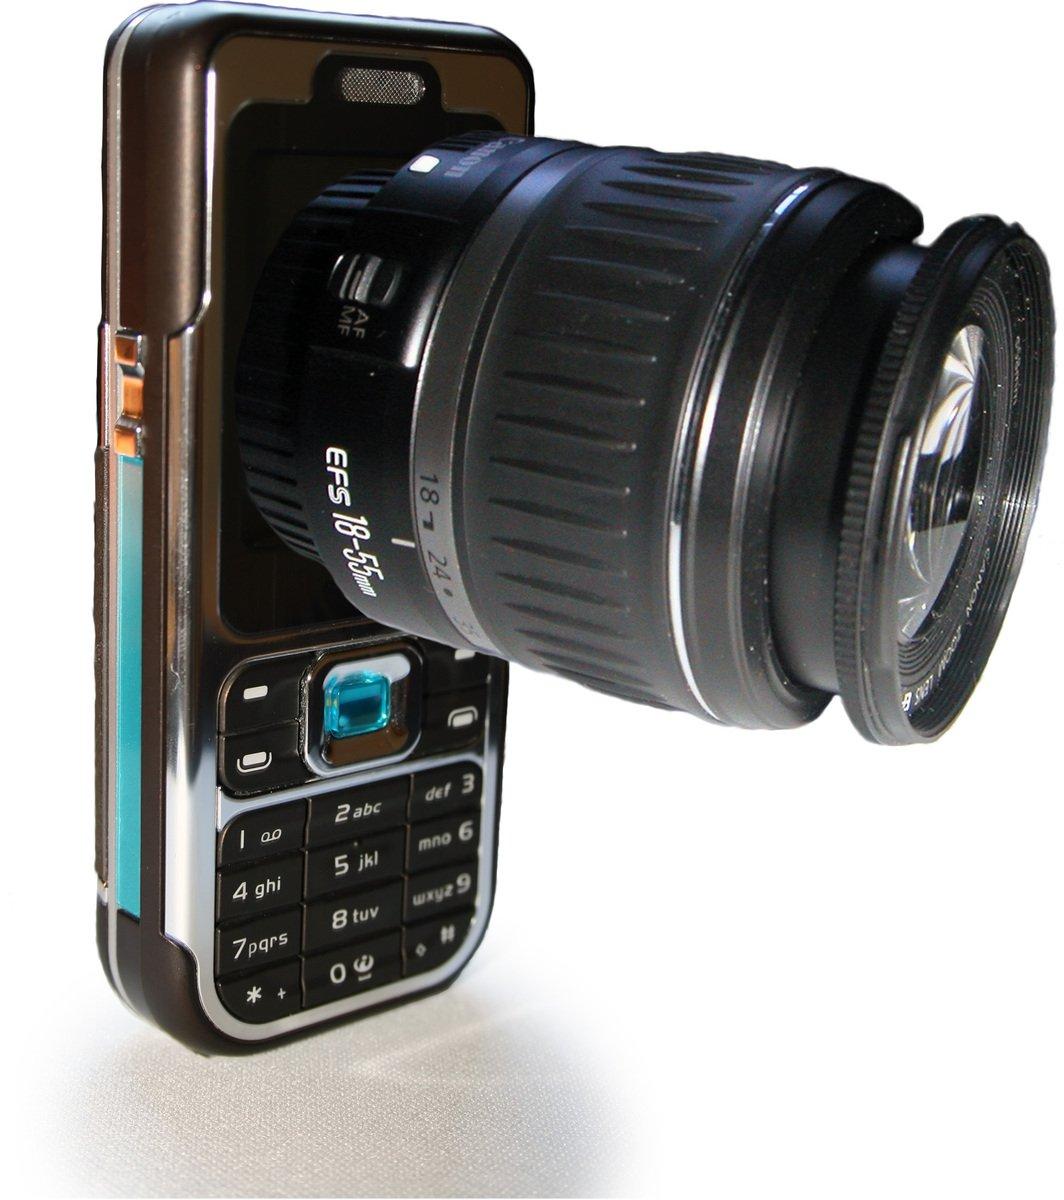 Mobile camera